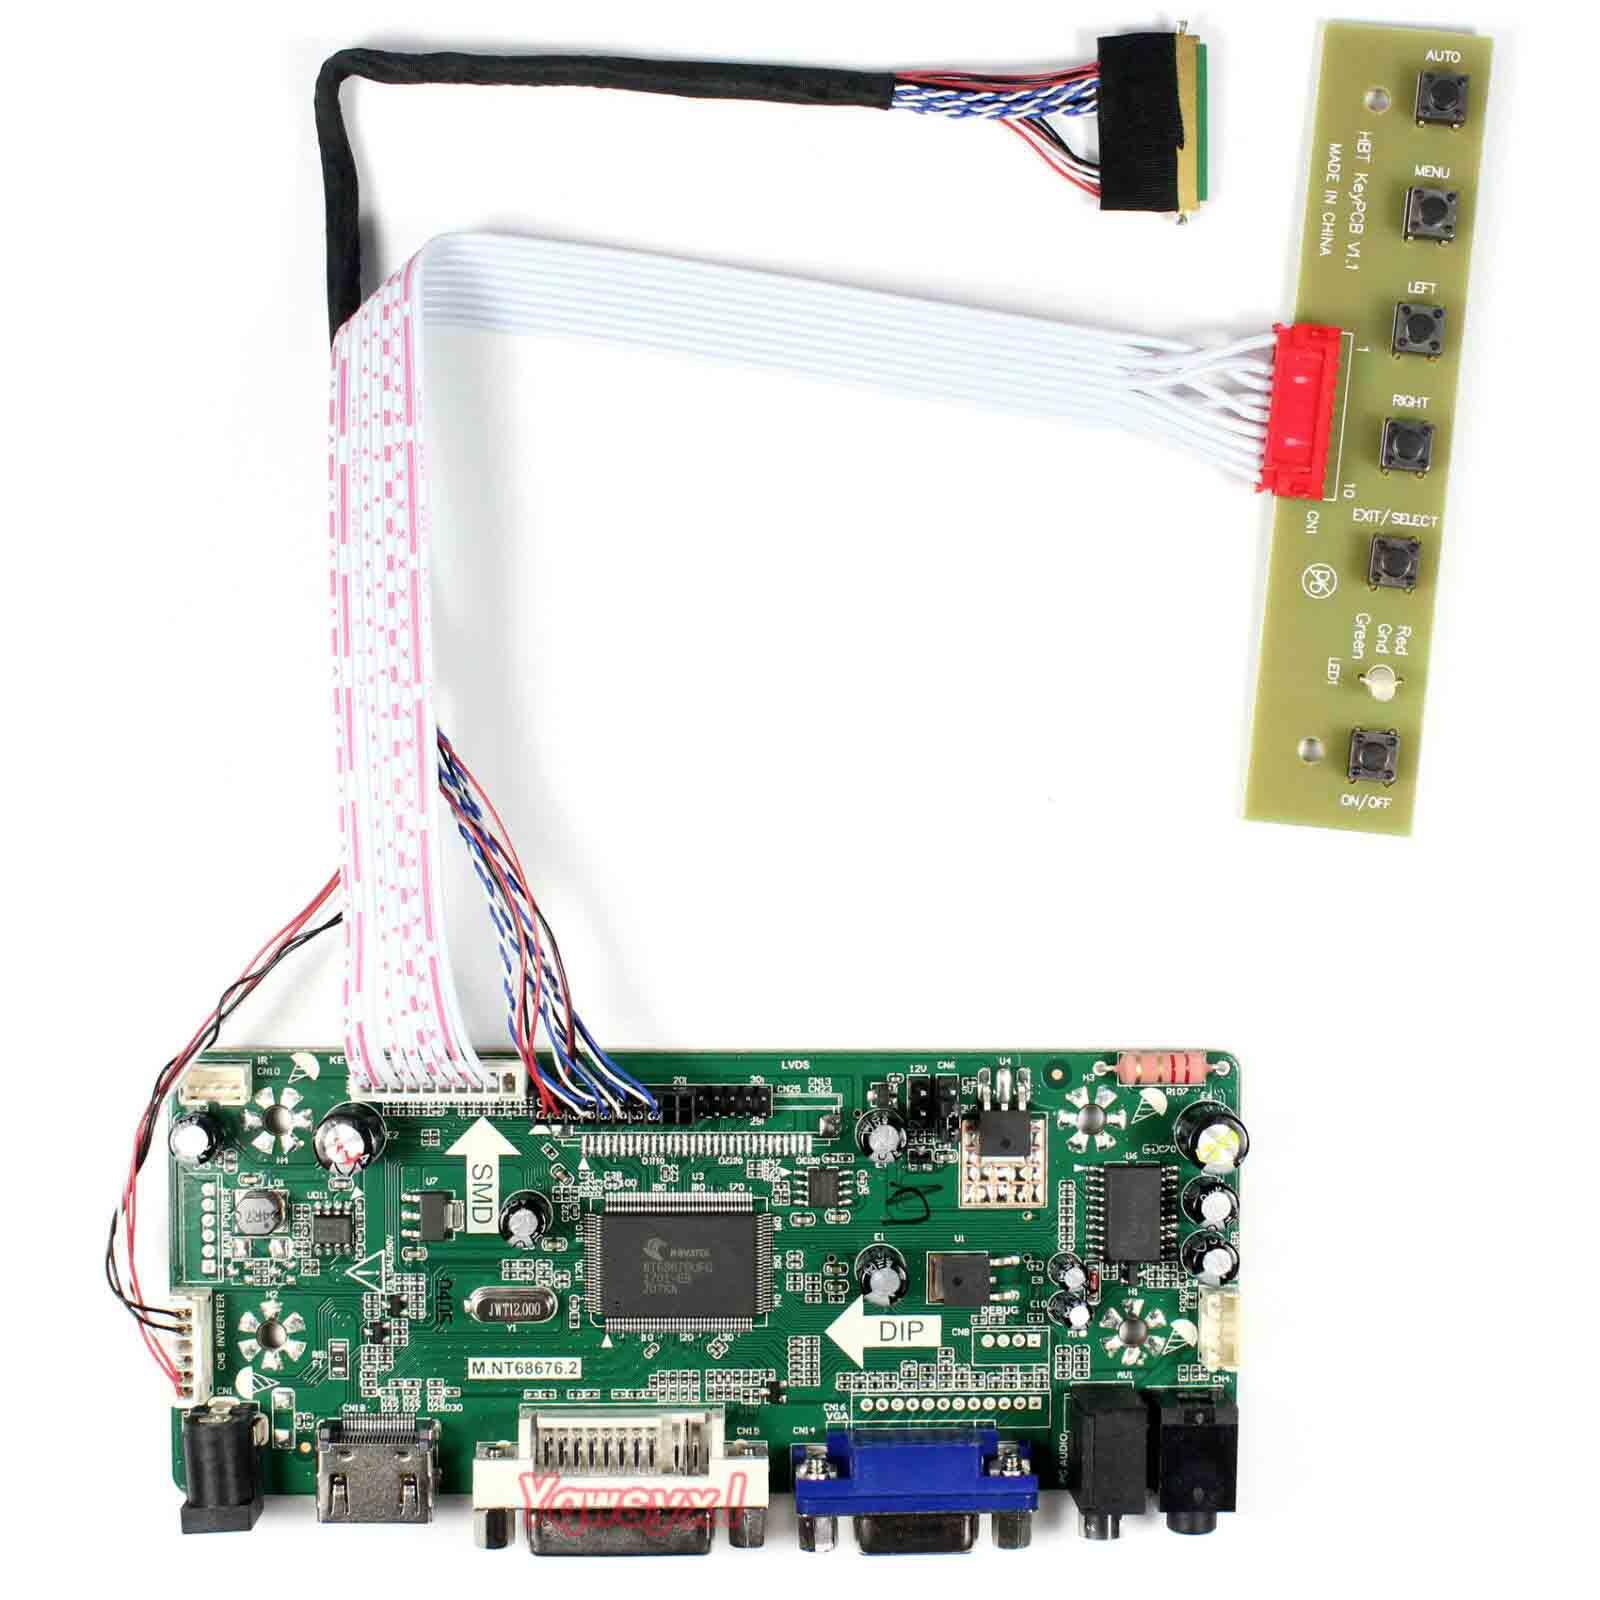 Kit de Monitor de placa de Control Yqwsyxl para el controlador de pantalla LCD de HDMI + DVI + VGA (TL) (N1) LP101WSA-TLN1